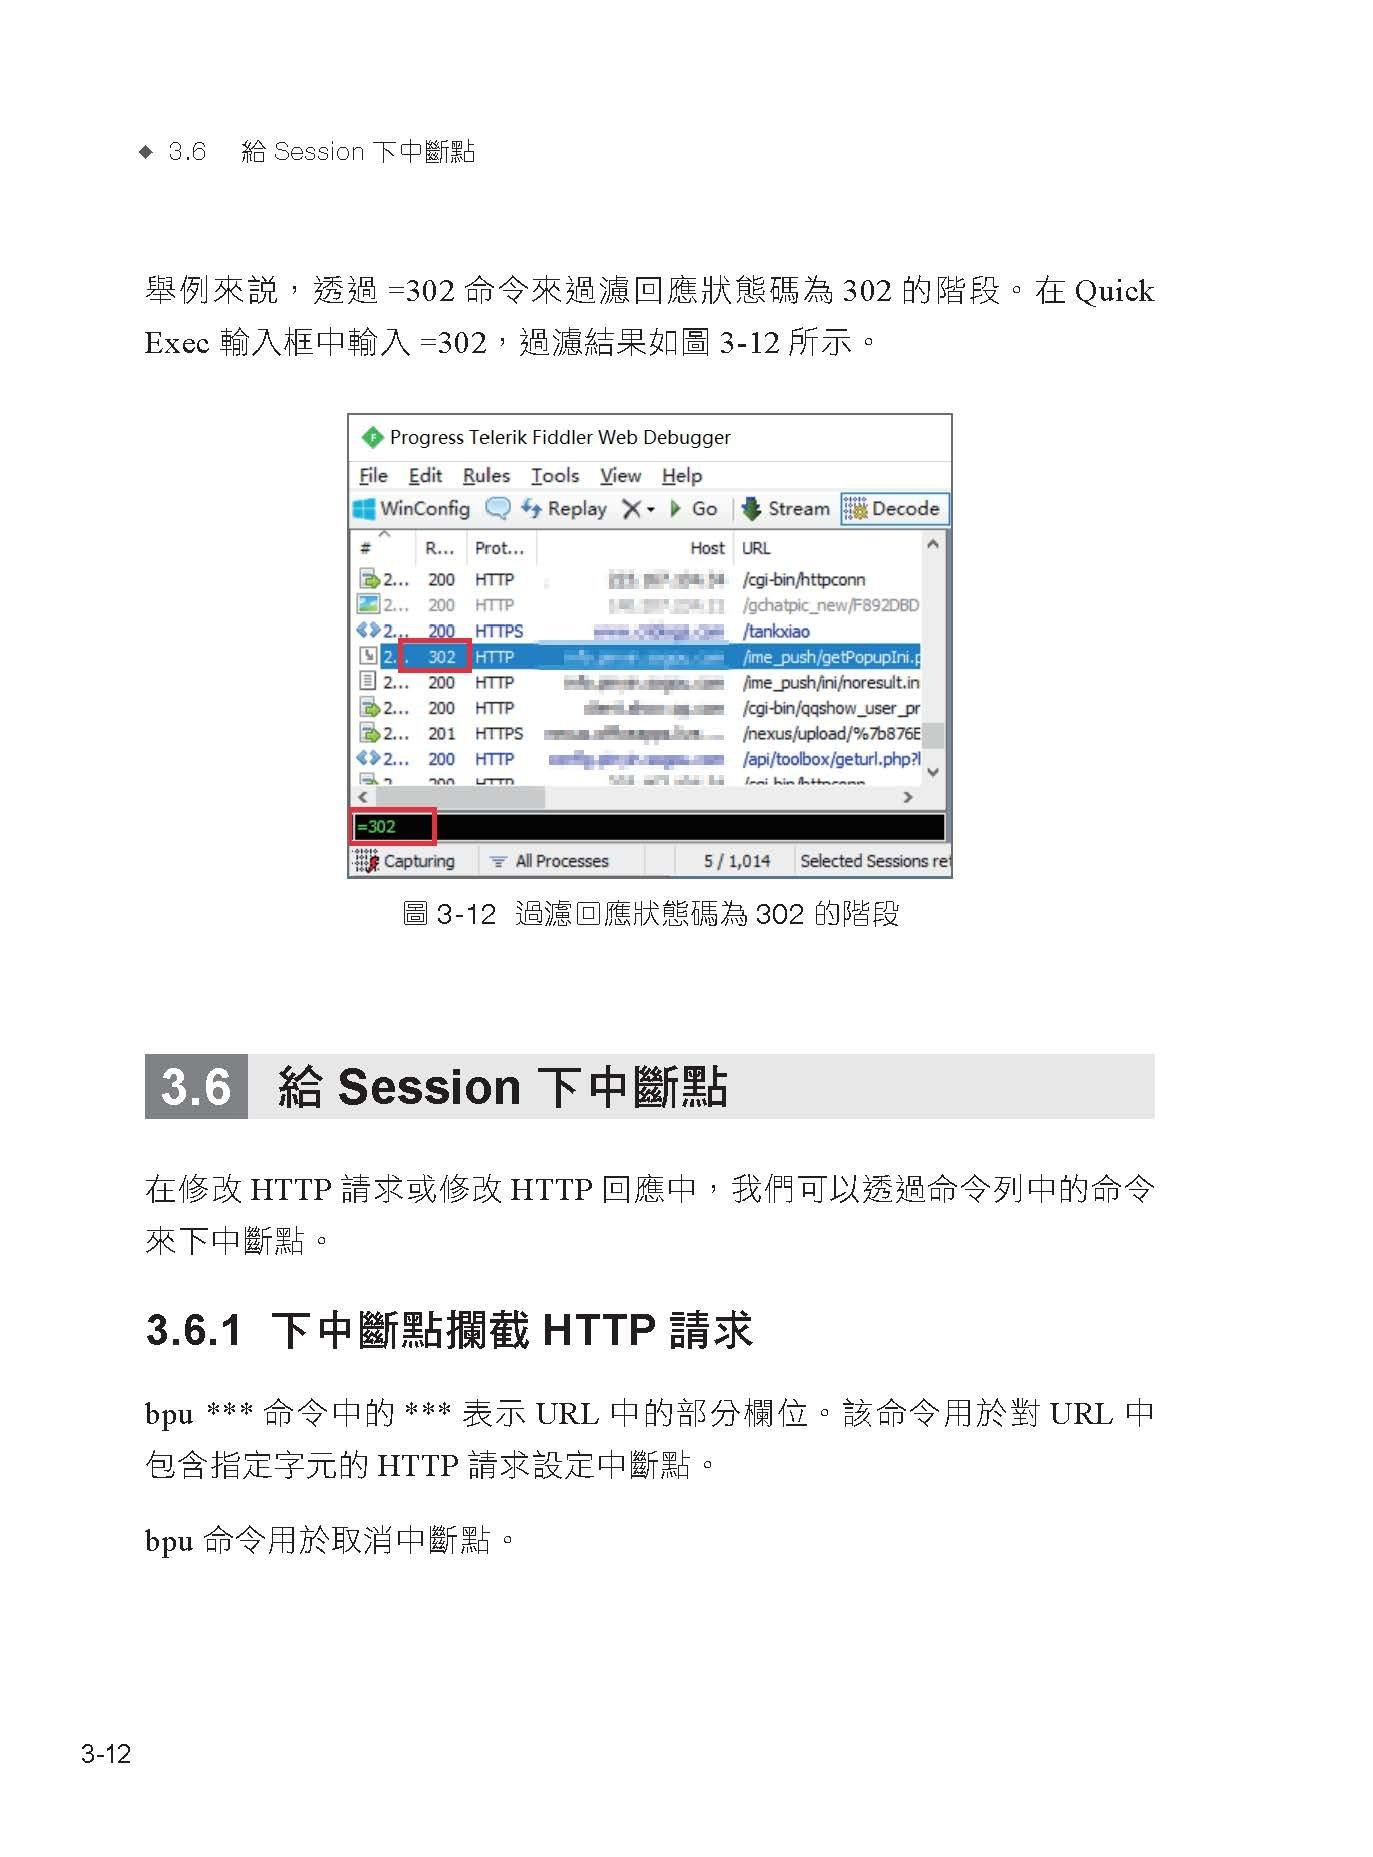 網路封包大剖析:HTTP 介面自動化測試原理-preview-4